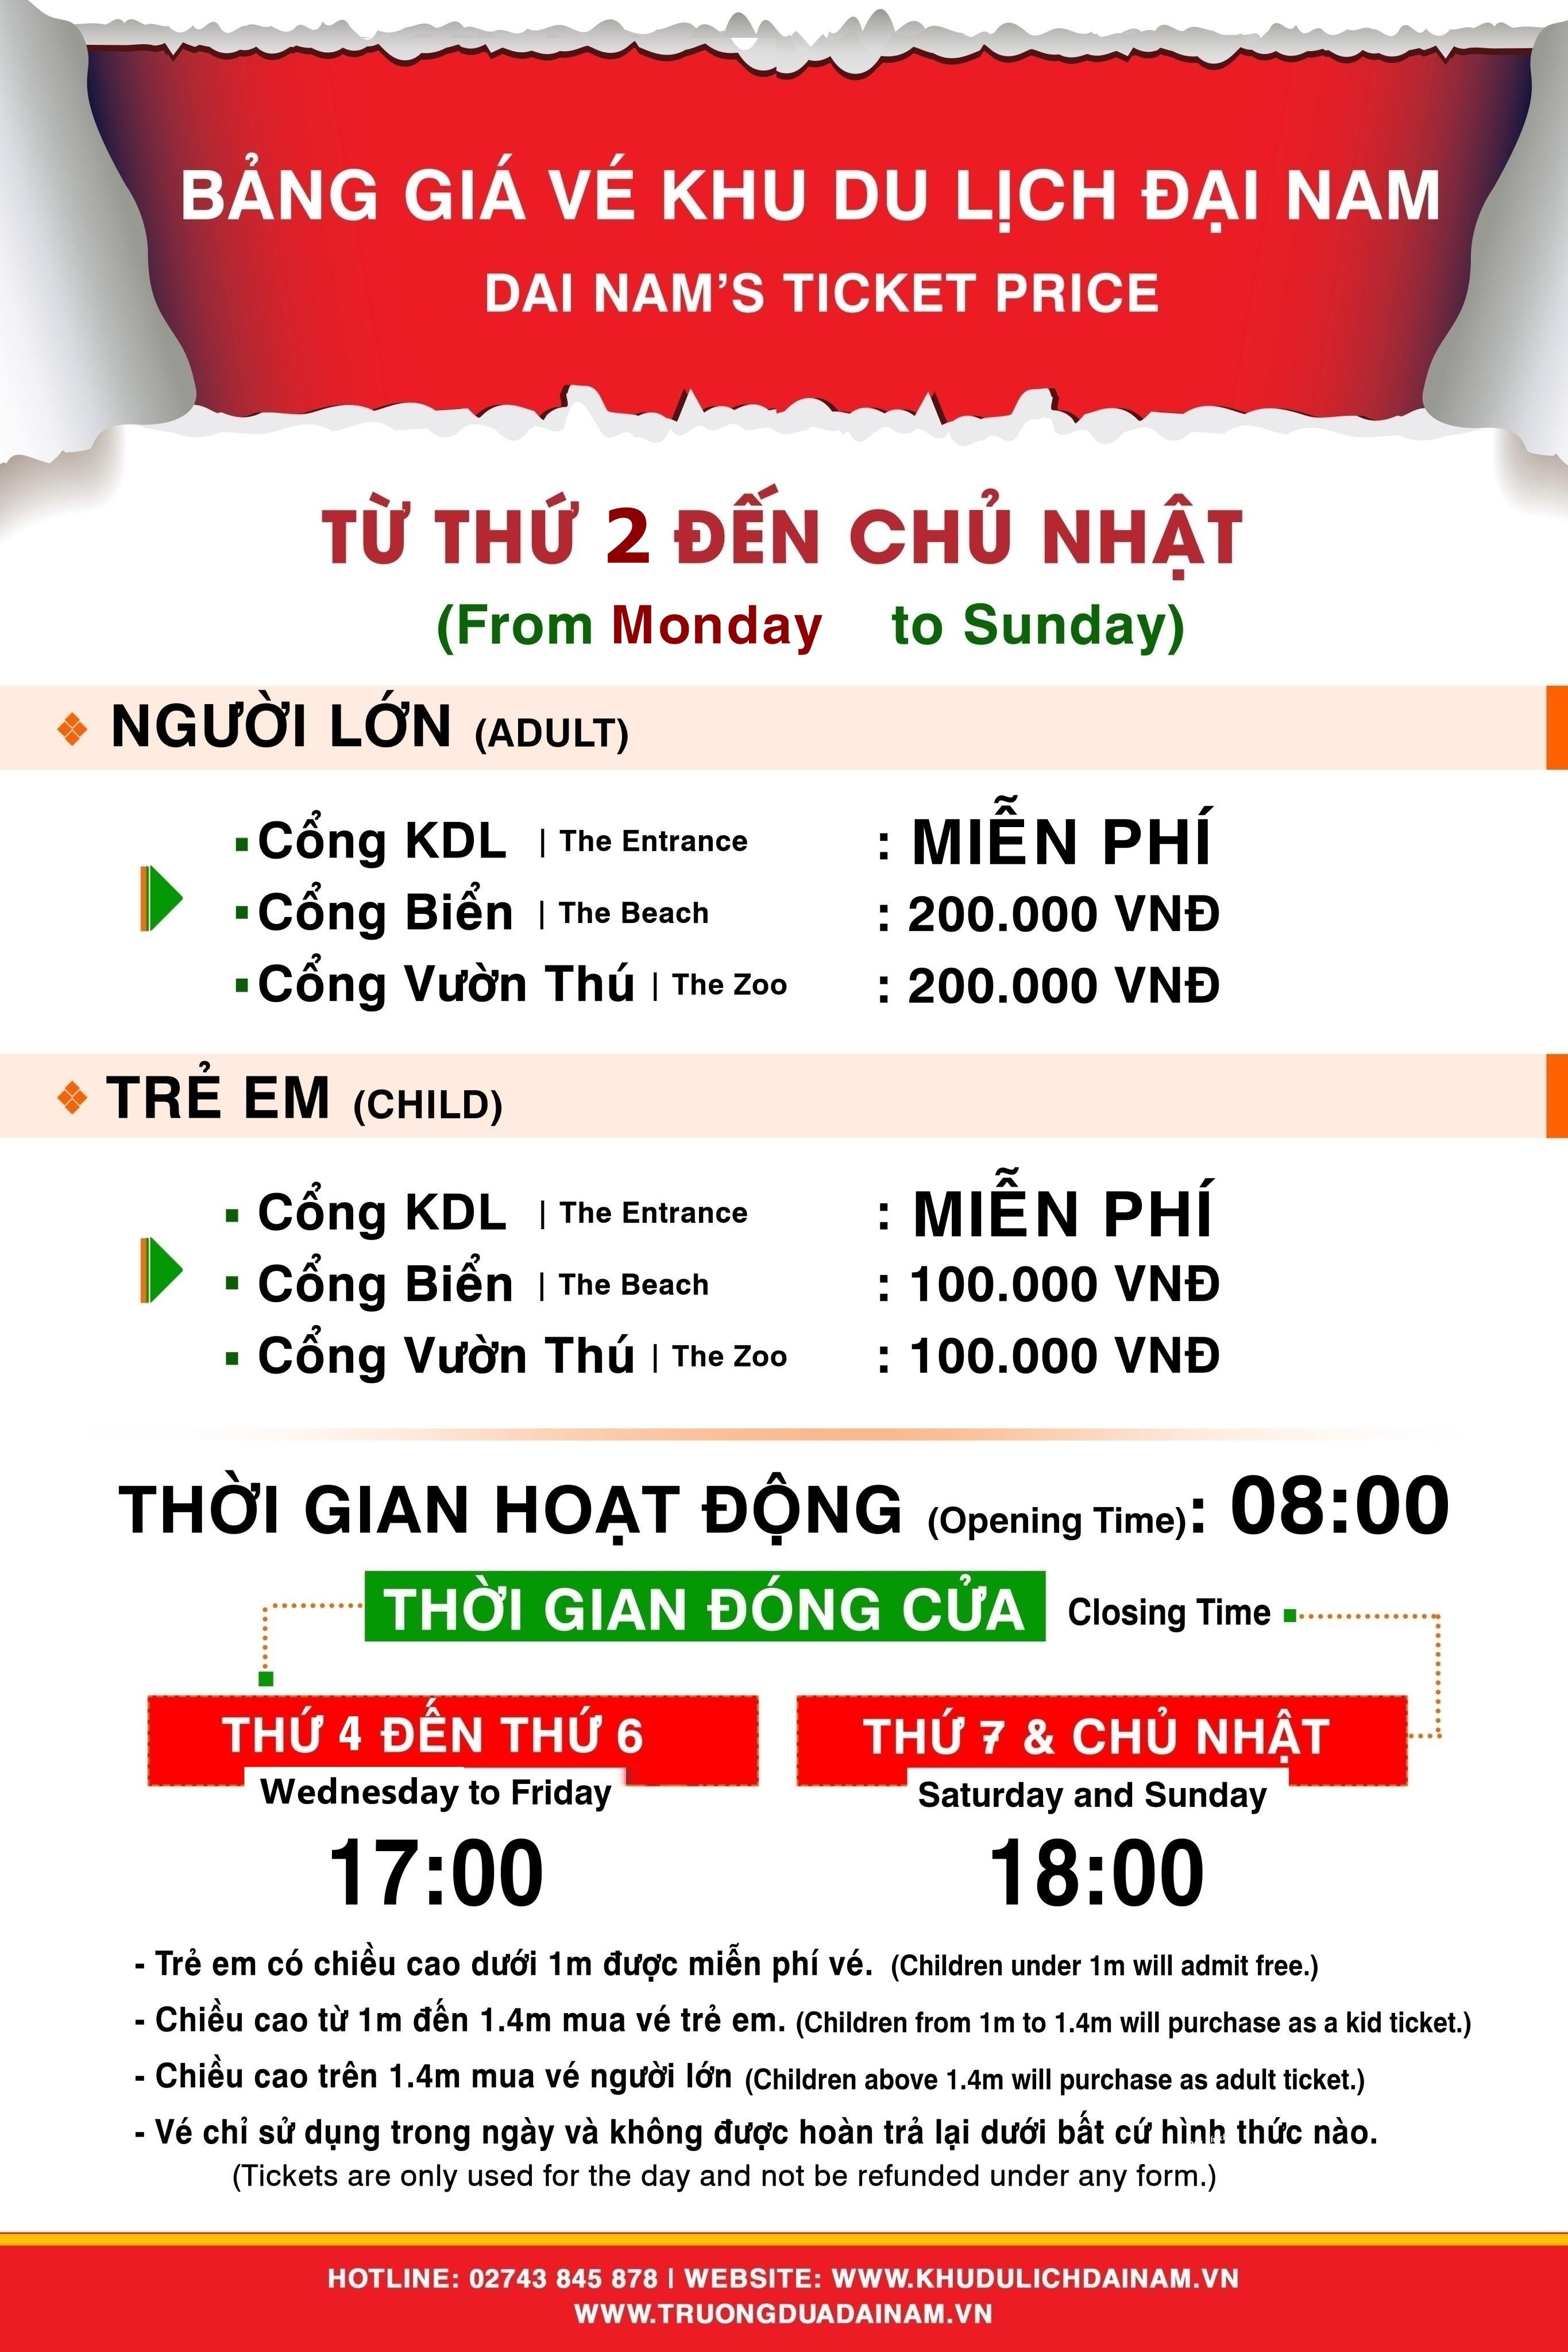 Giá vé khu du lịch Đại Nam 2021